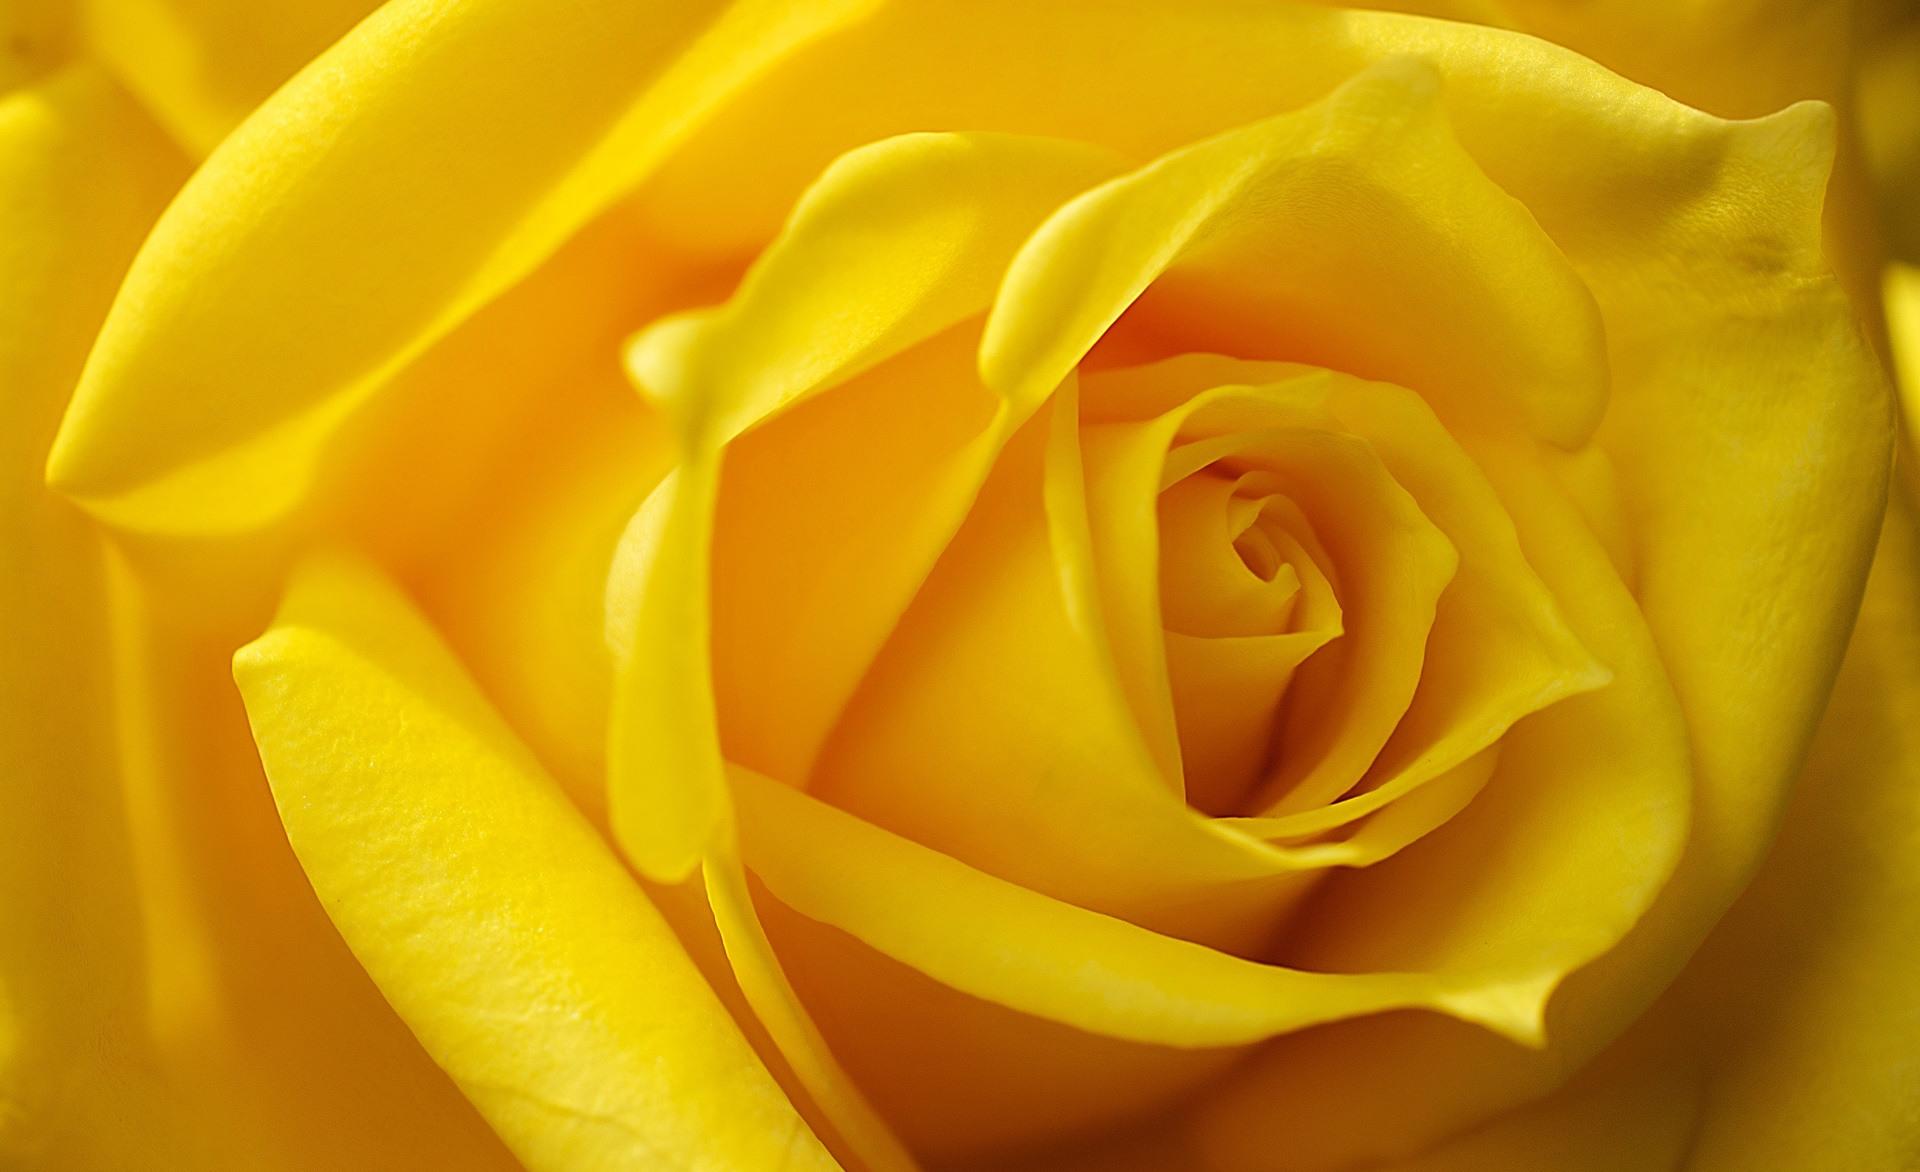 желтые картинки смотреть музыку виа